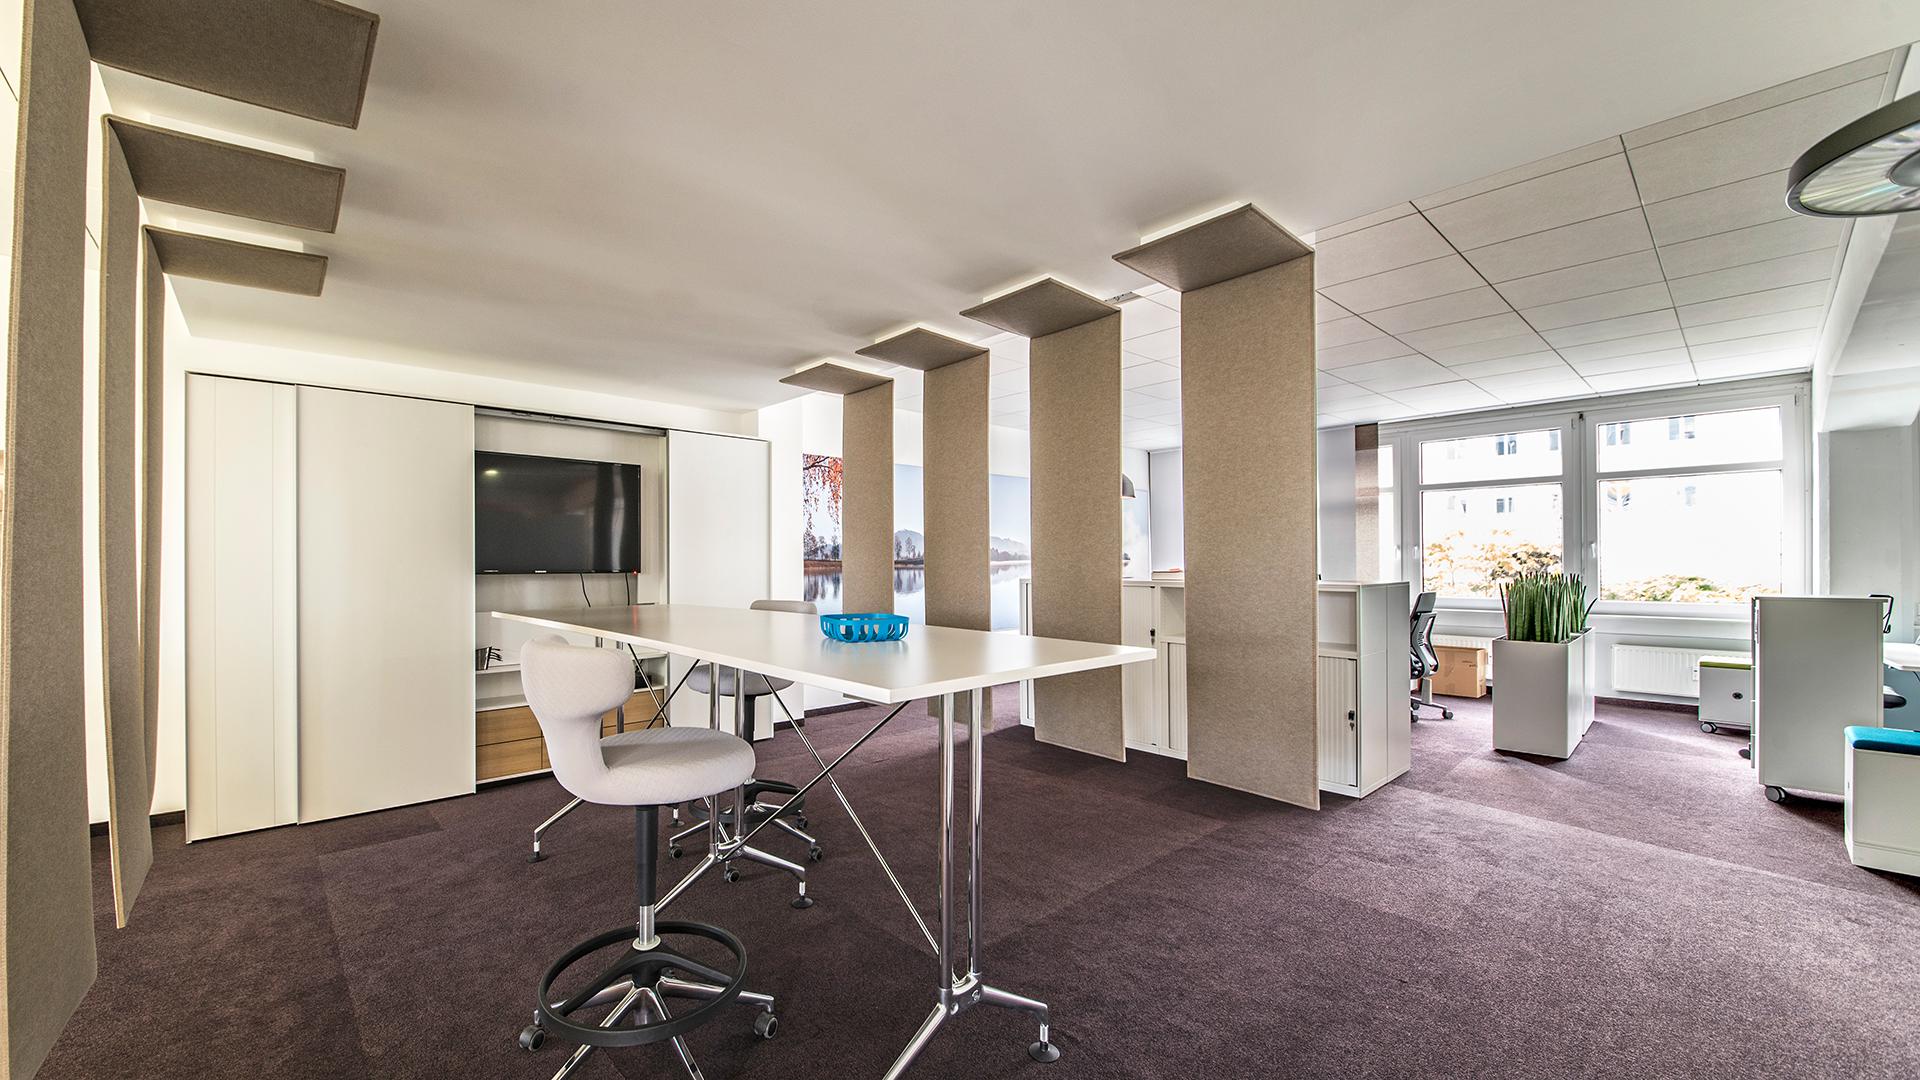 Tische - S+W BüroRaumKultur GmbH